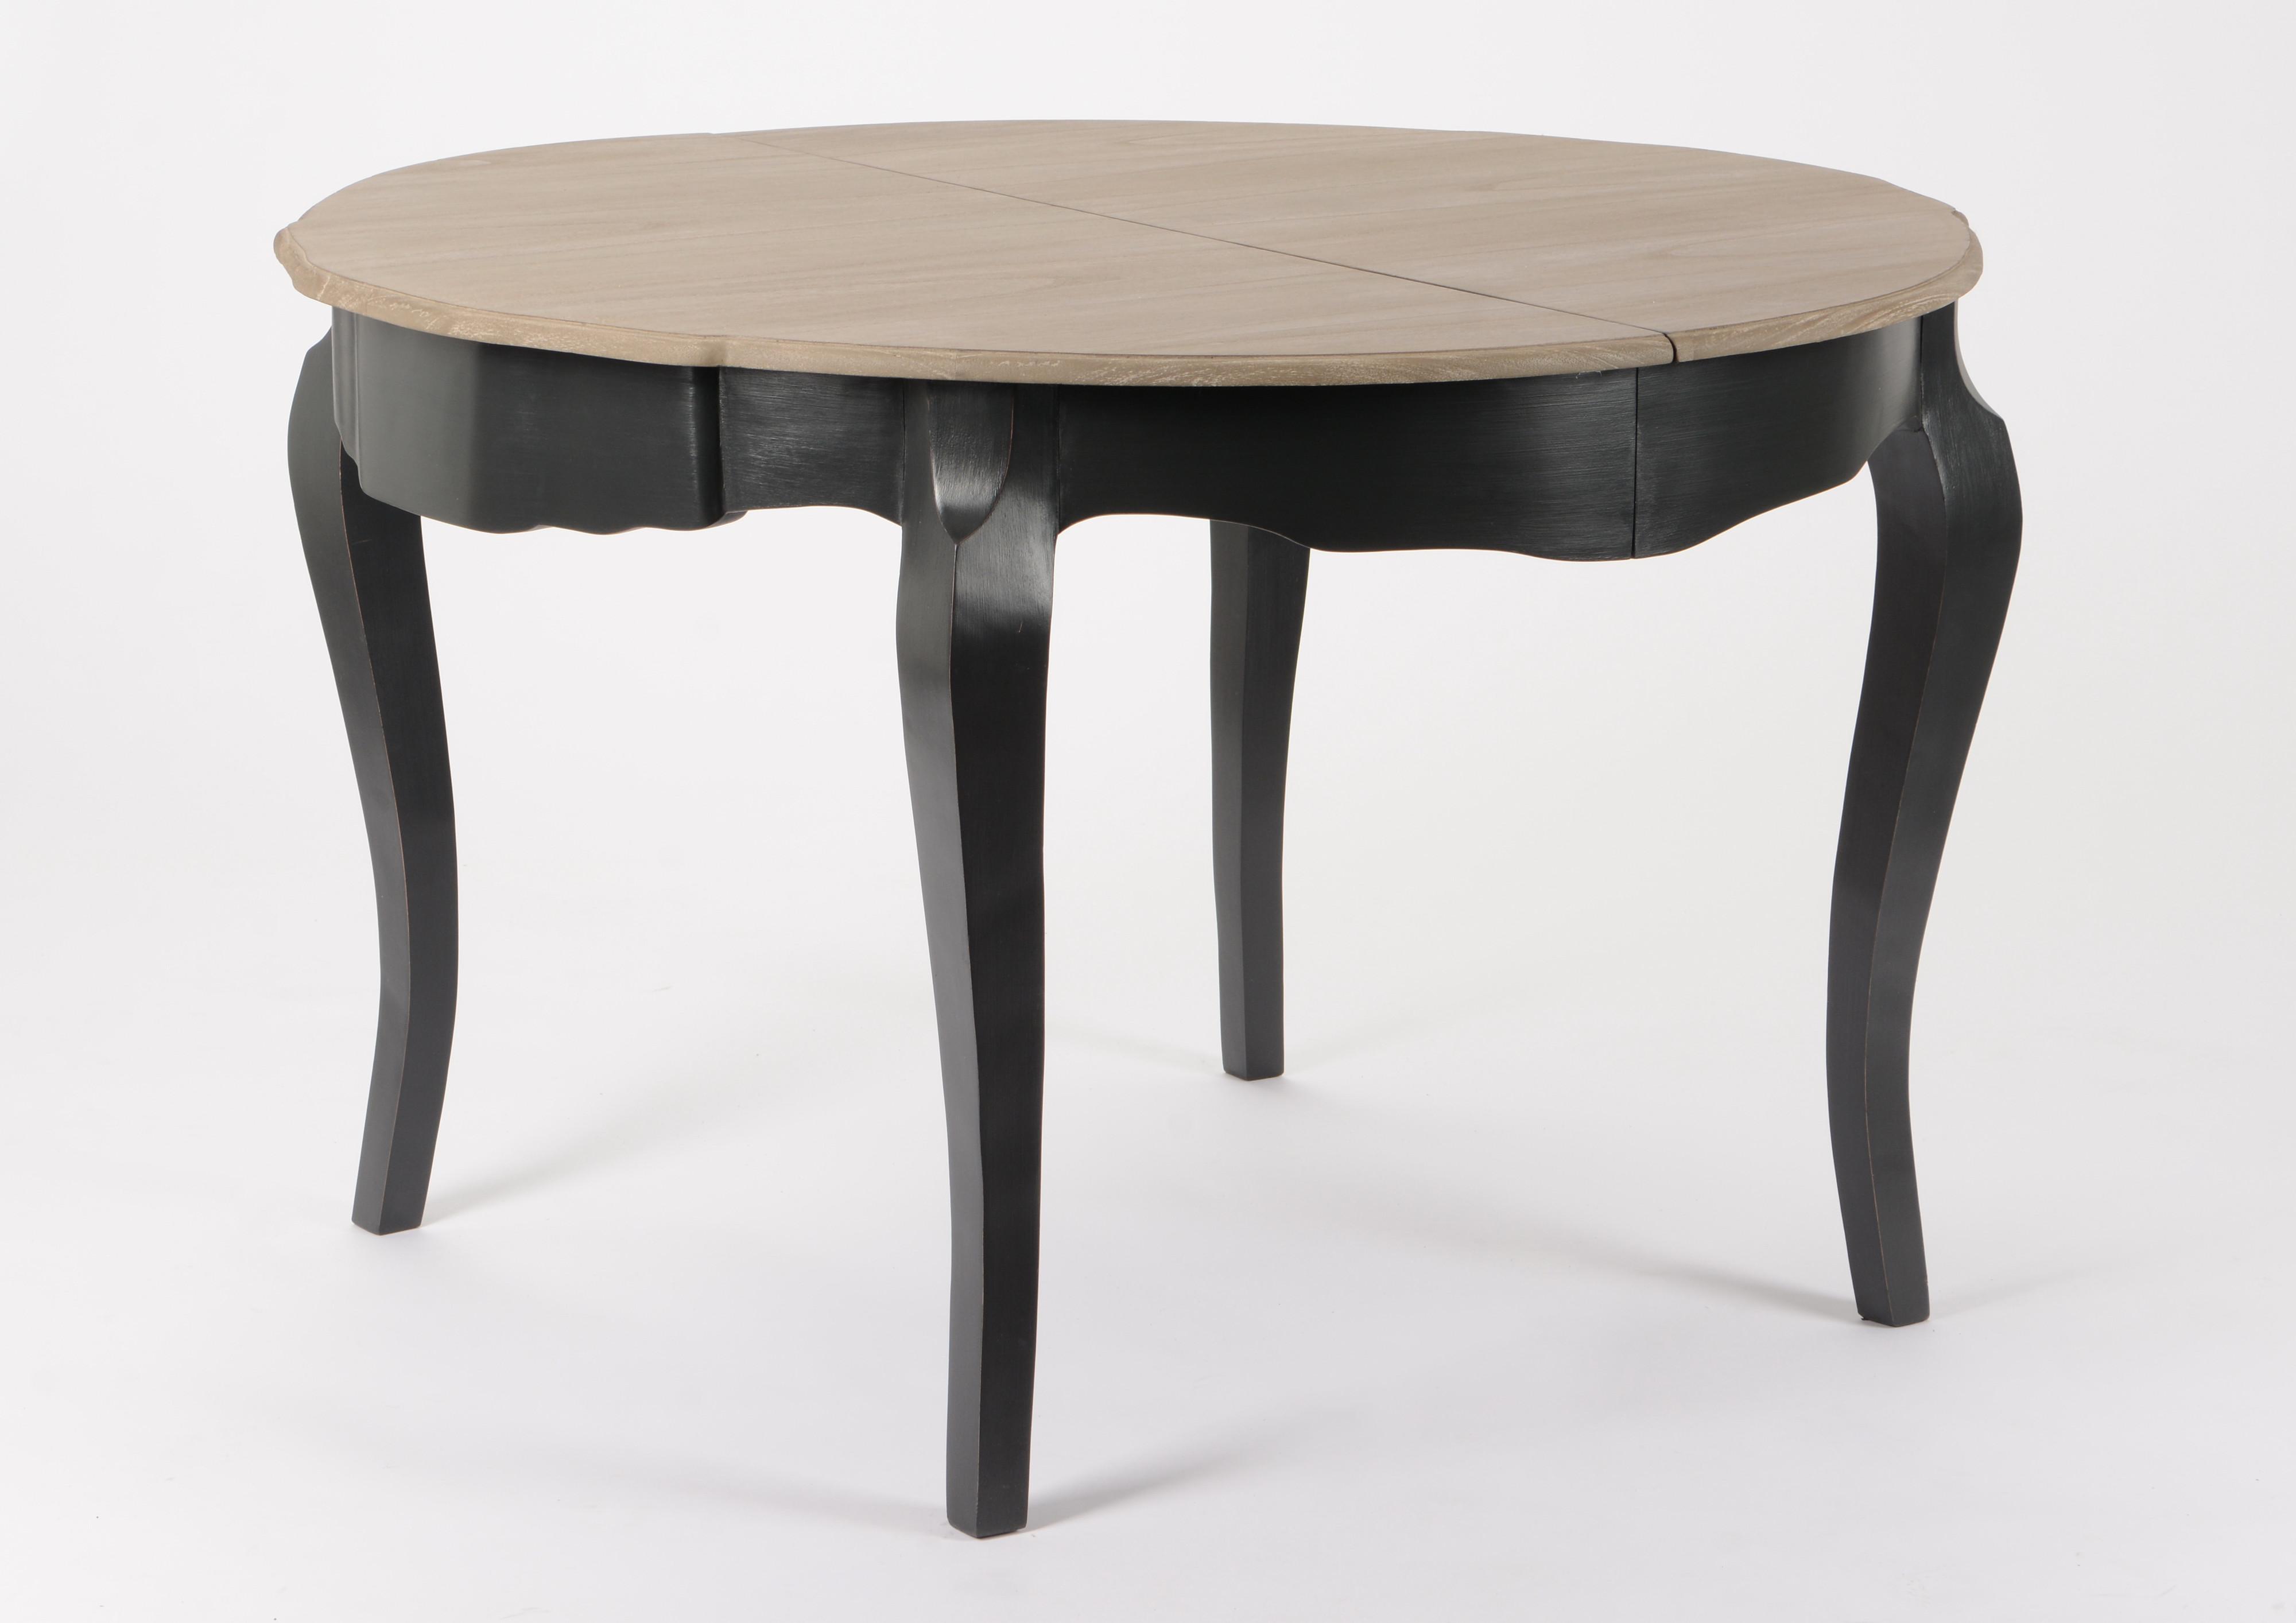 Table de repas ronde Baroque CELESTINE ARDOISE plateau bois naturel ...